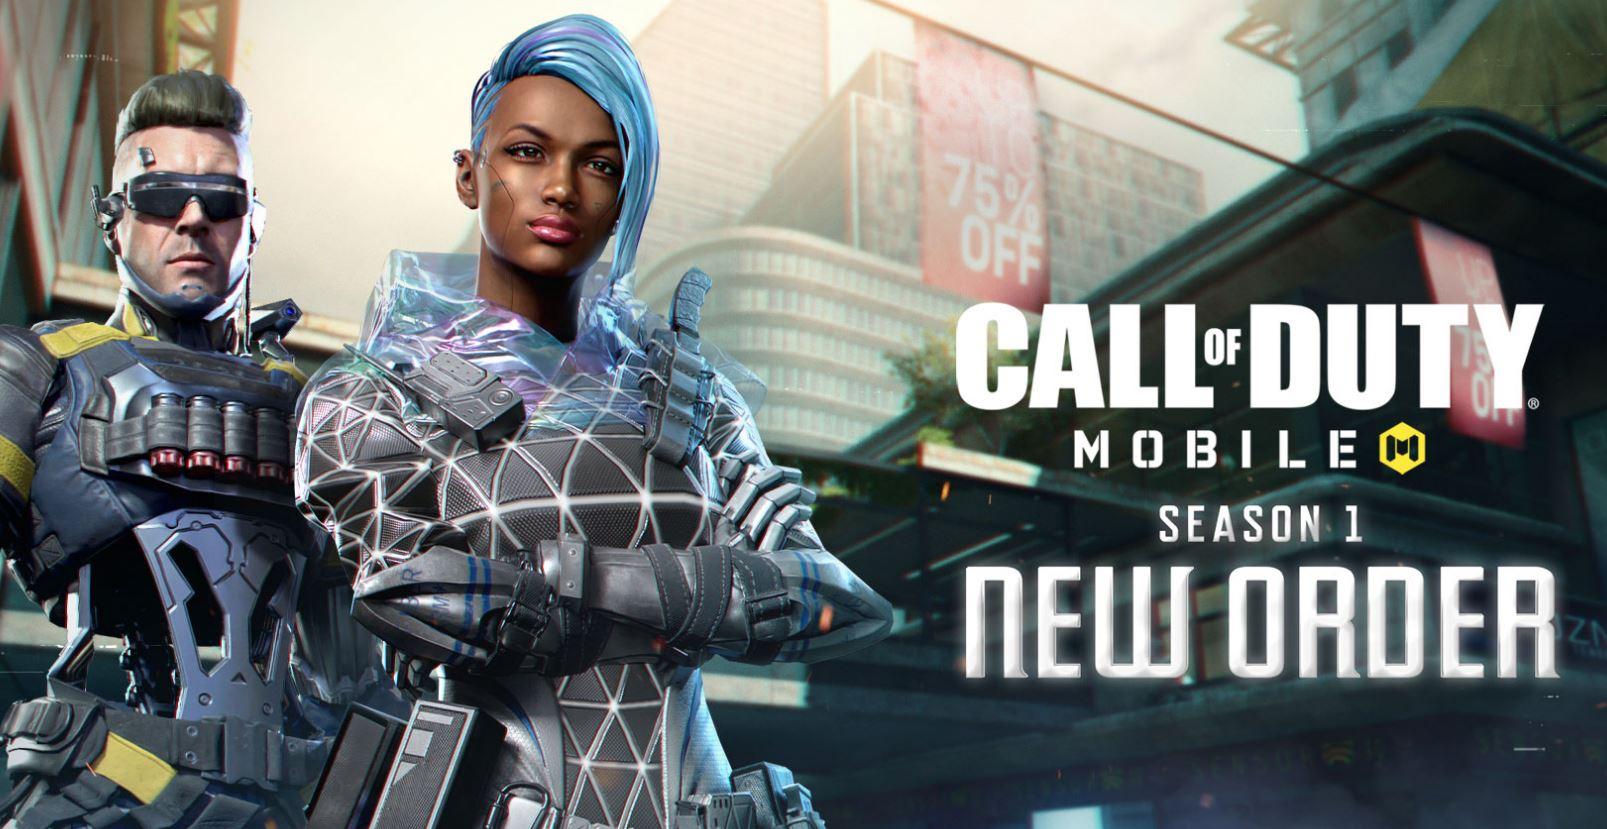 Actvision   Temporada 1: Nova Ordem chega em Call of Duty Mobile